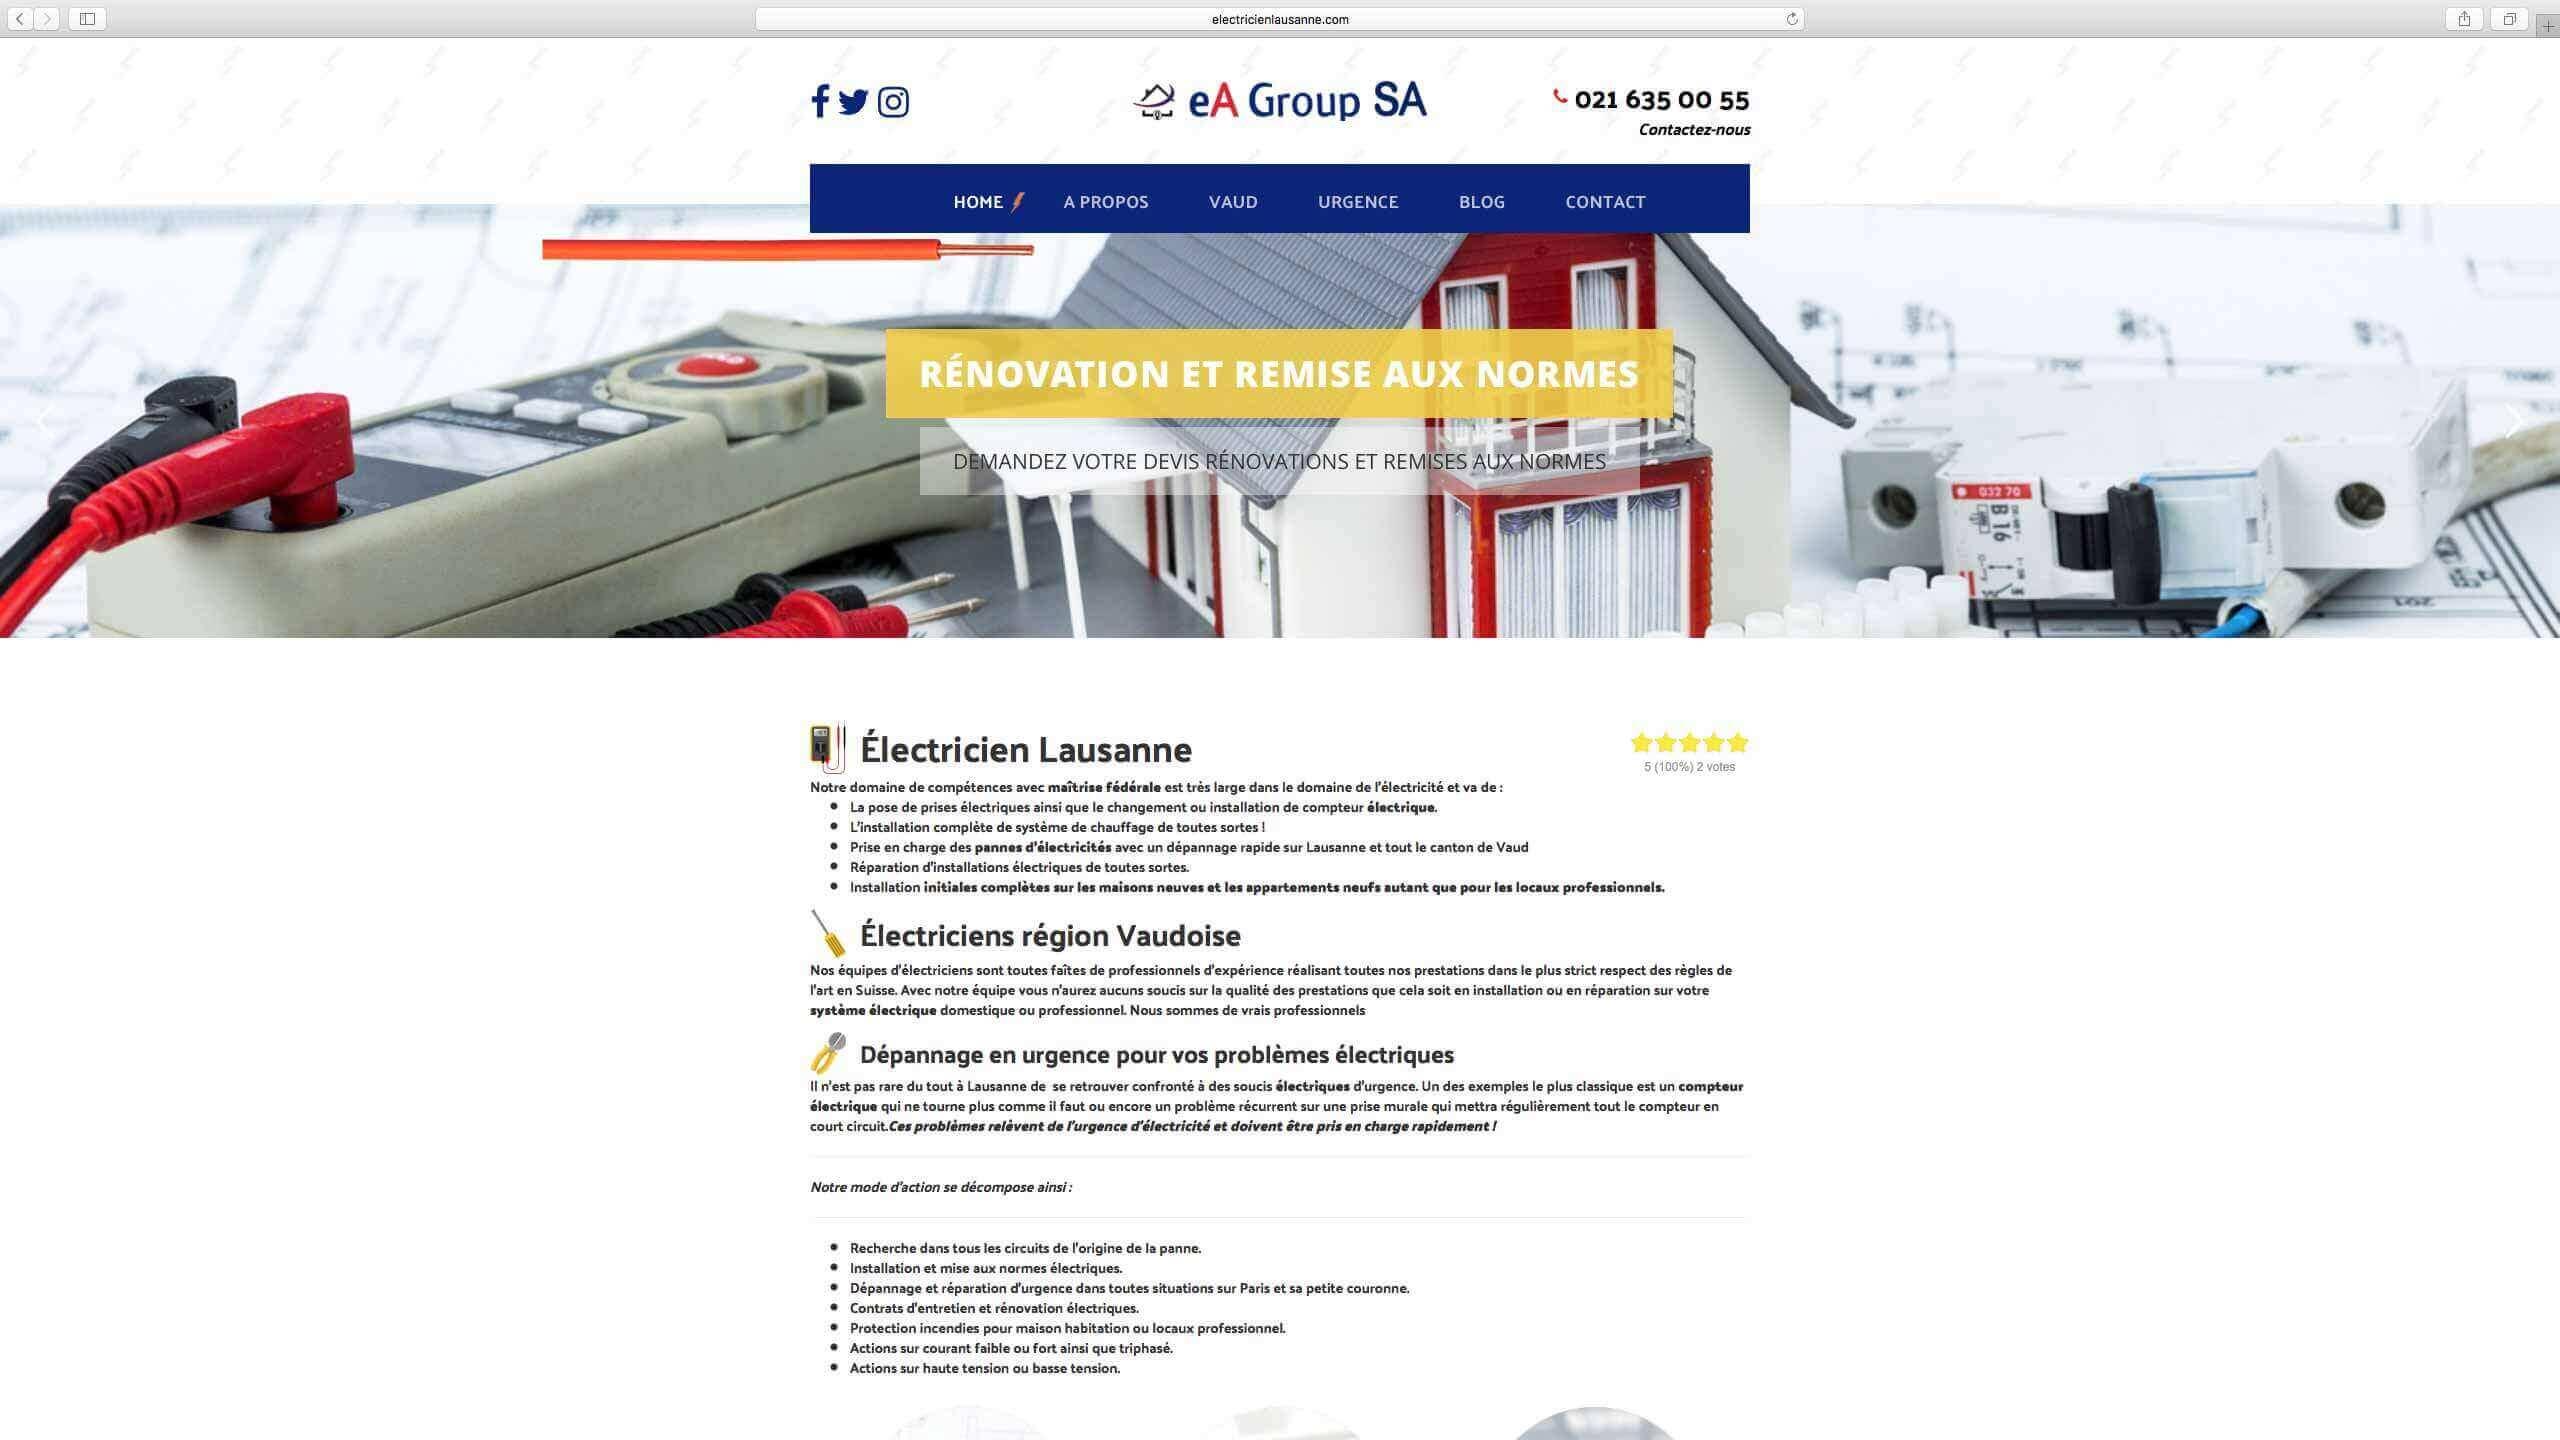 Capture d'écran du site internet Electricien Lausanne réalisé par Kevin de Sousa